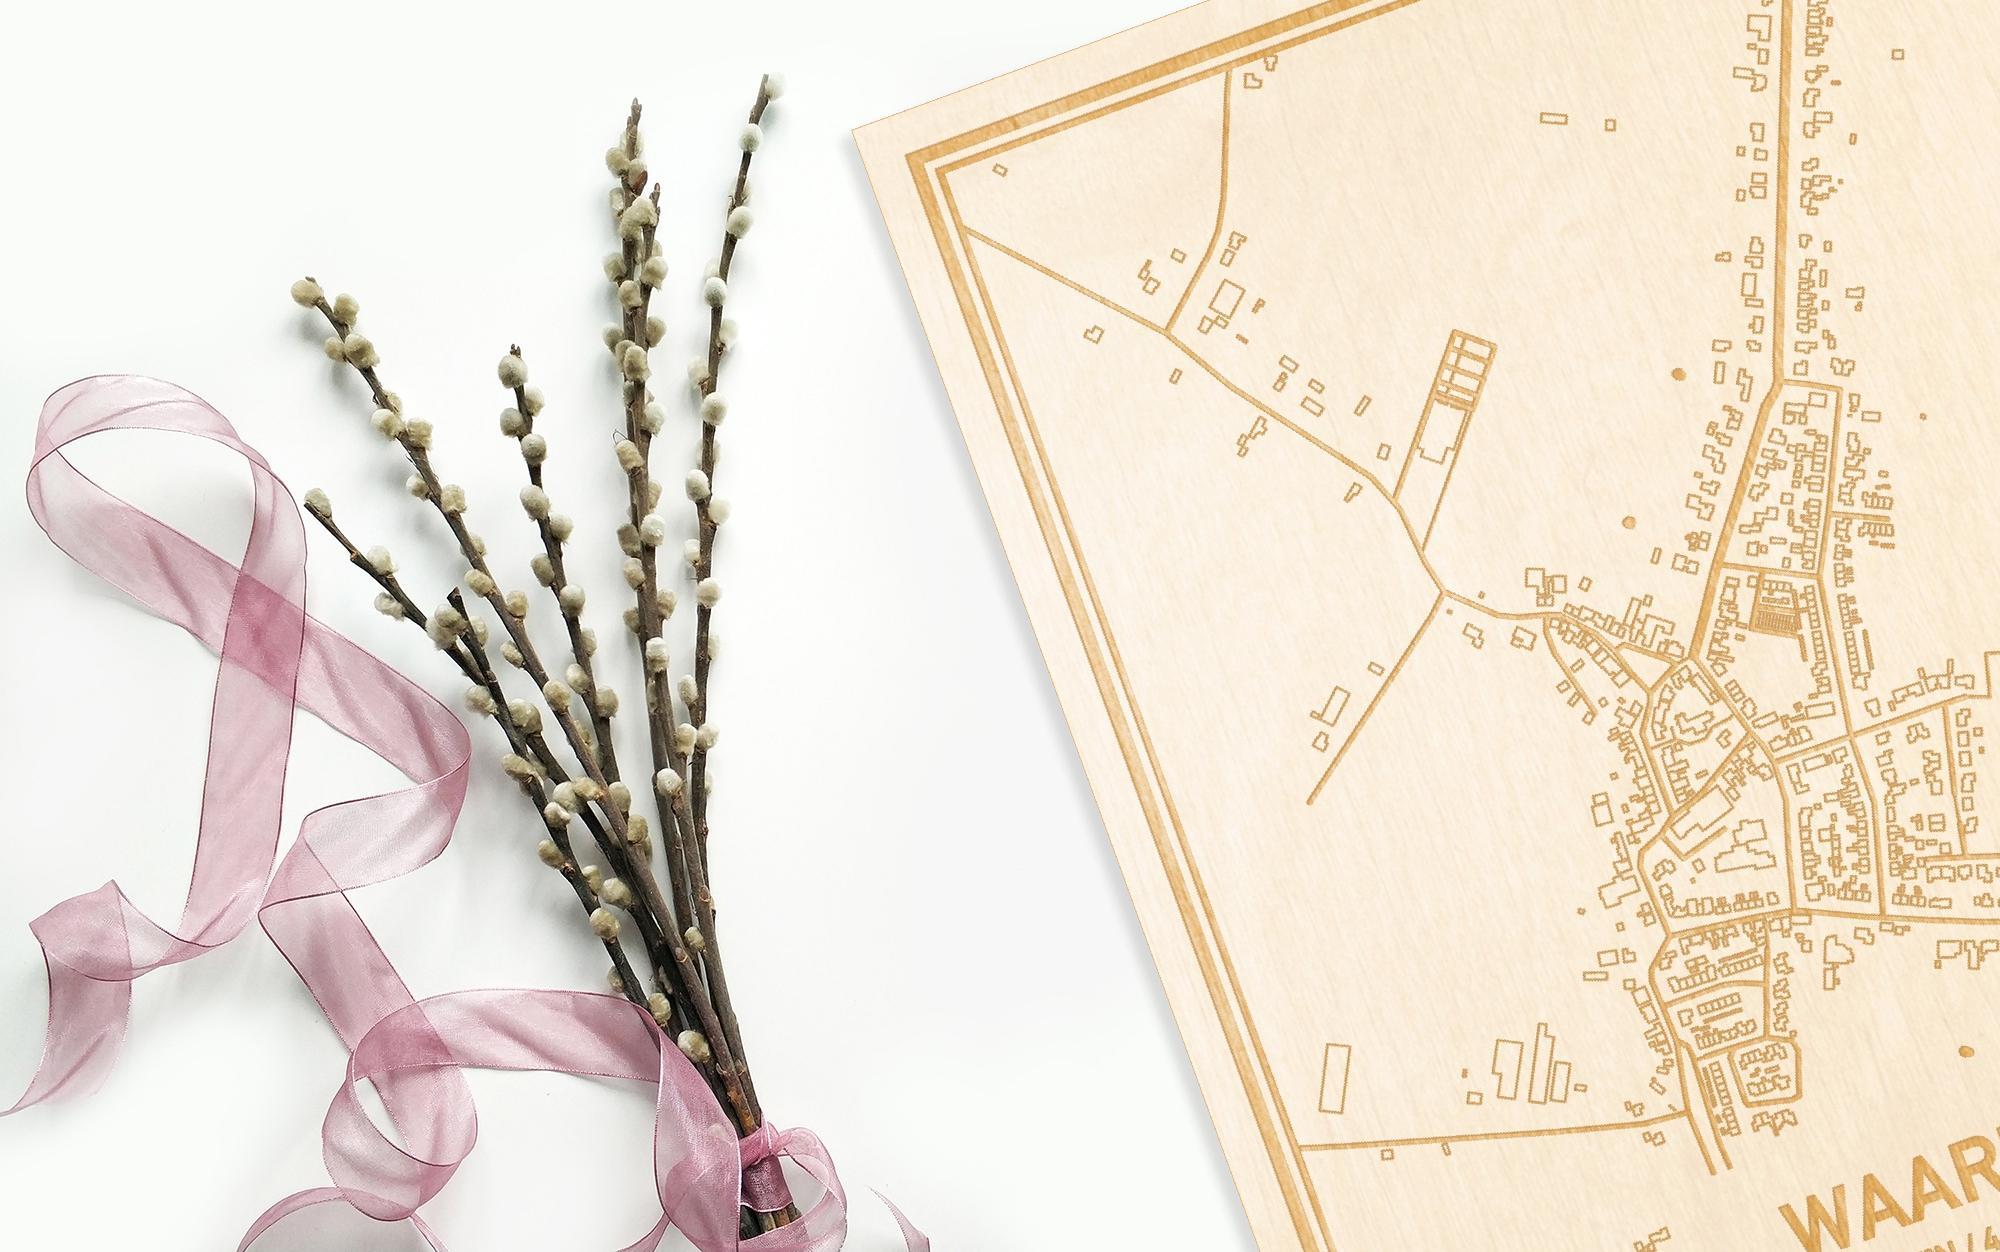 Hier ligt de houten plattegrond Waarde naast een bloemetje als gepersonaliseerd cadeau voor haar.